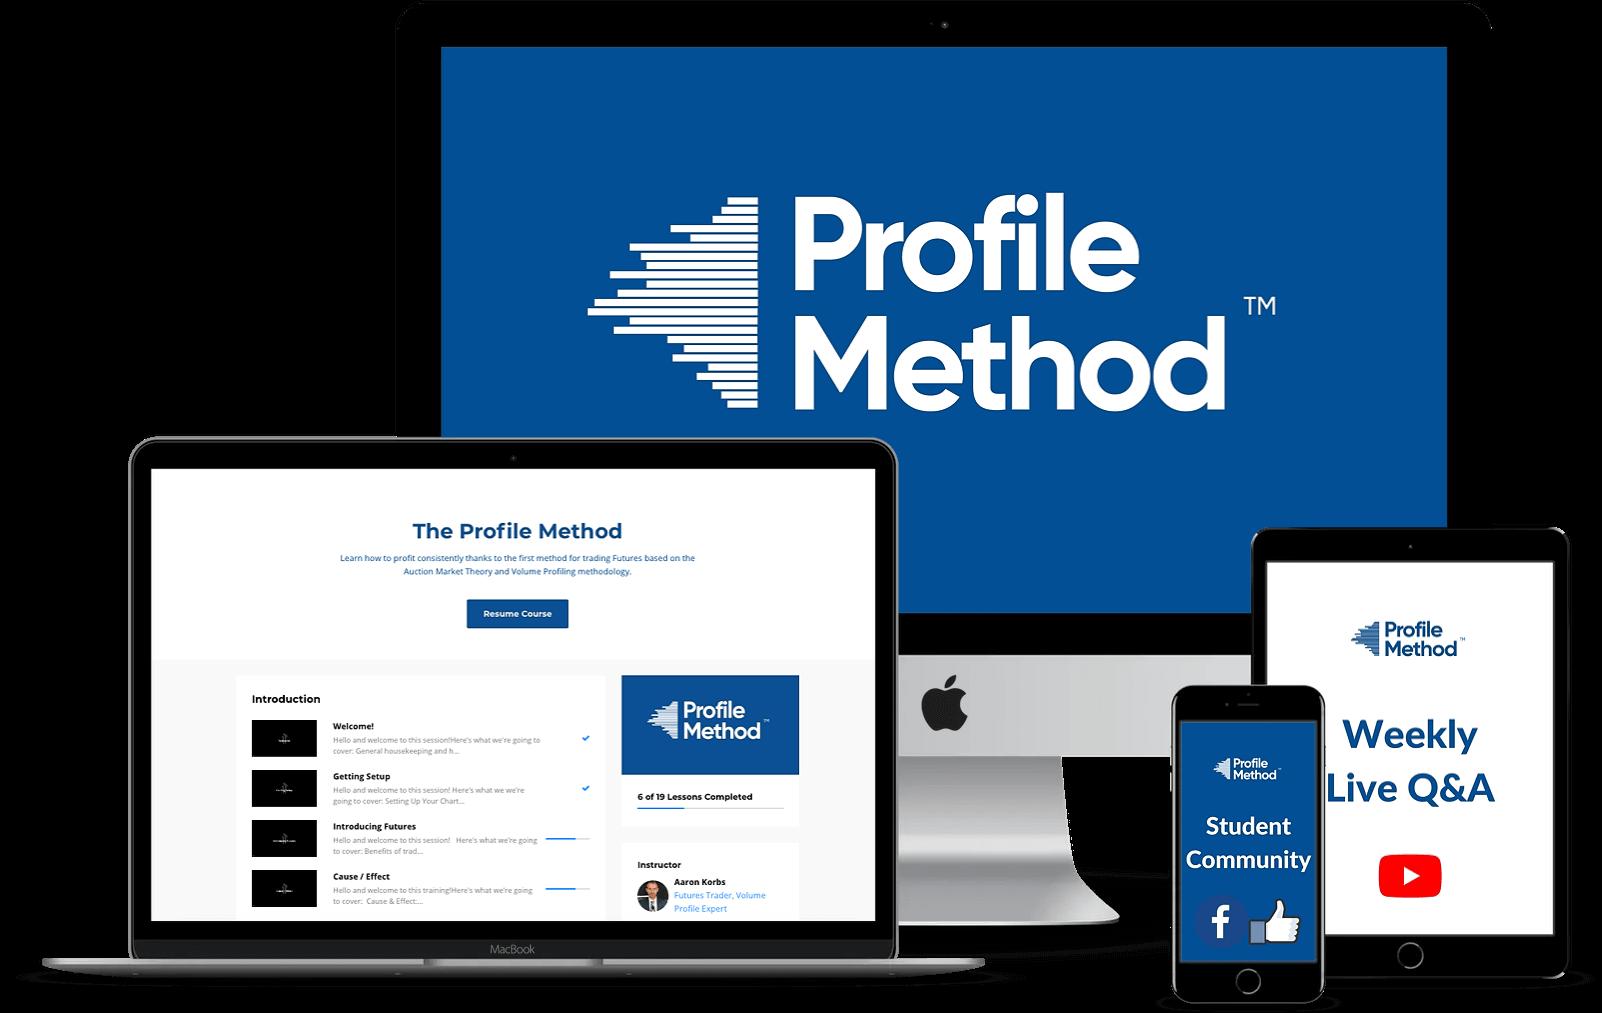 Profile Method Mockup